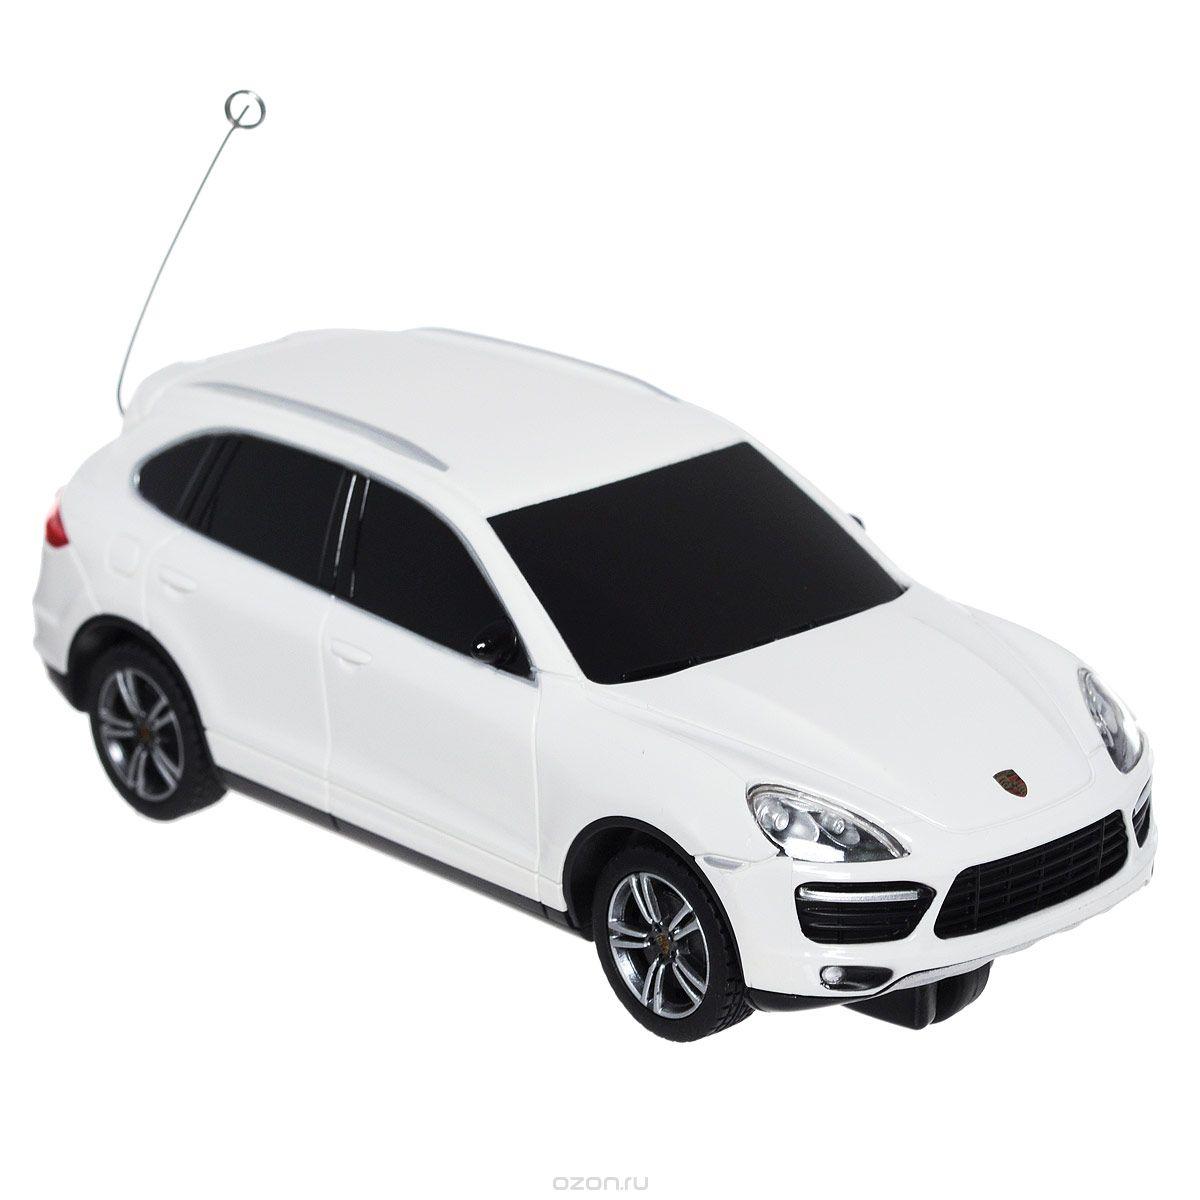 Rastar Радиоуправляемая модель Porsche Cayenne цвет белый rastar радиоуправляемая модель porsche cayenne turbo цвет белый масштаб 1 14